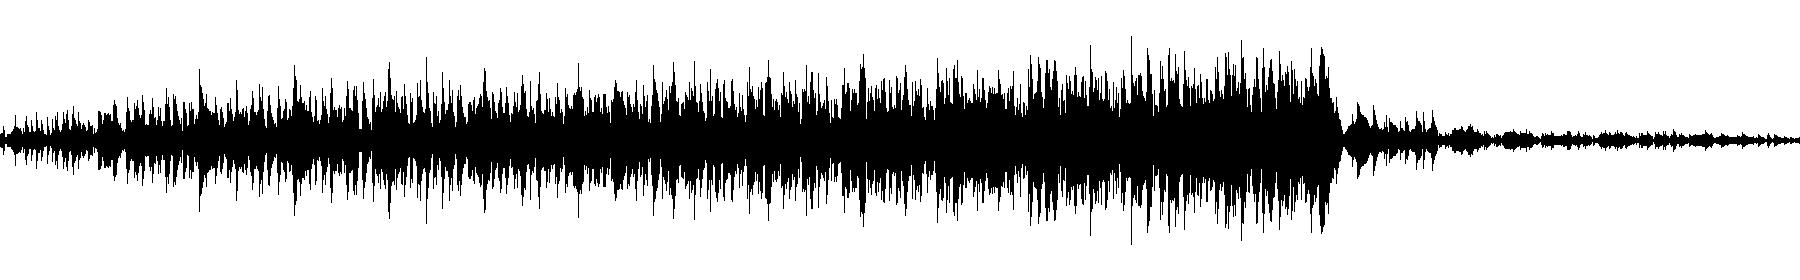 veh2 synths   139 c